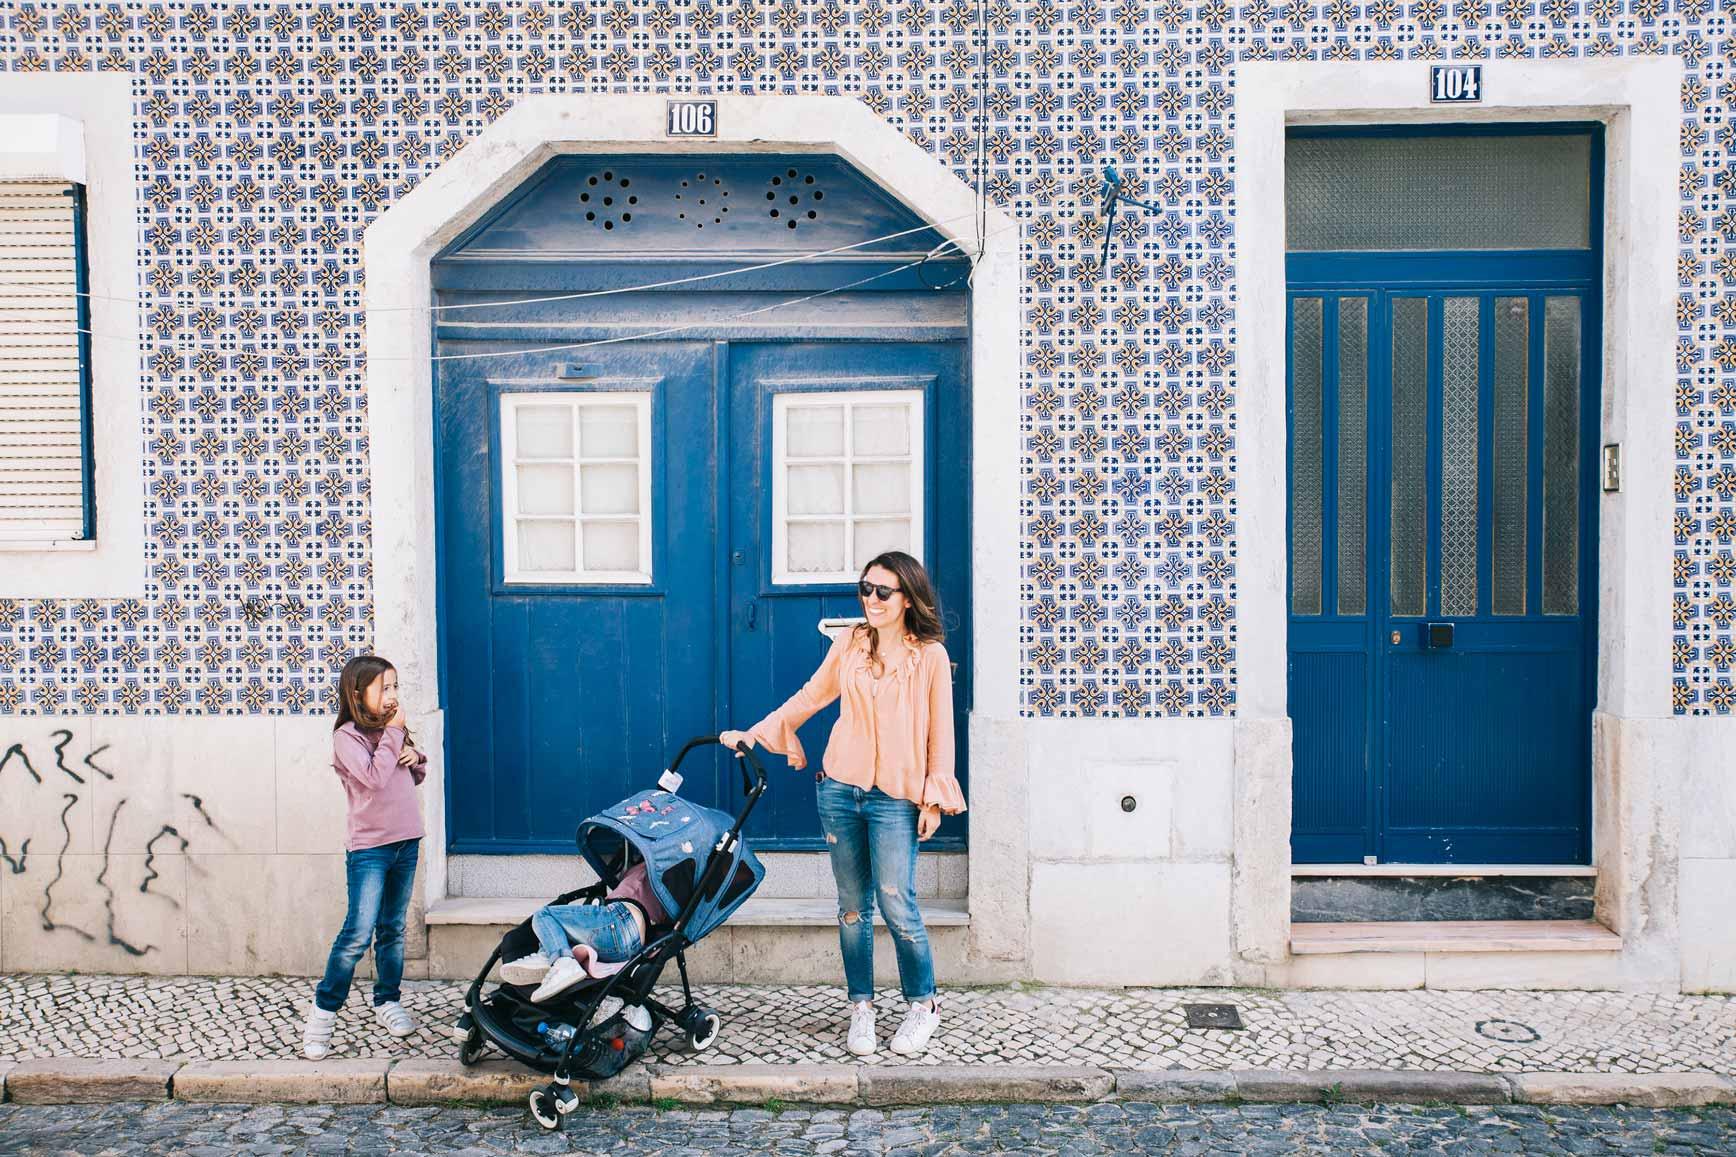 Lisboa-82